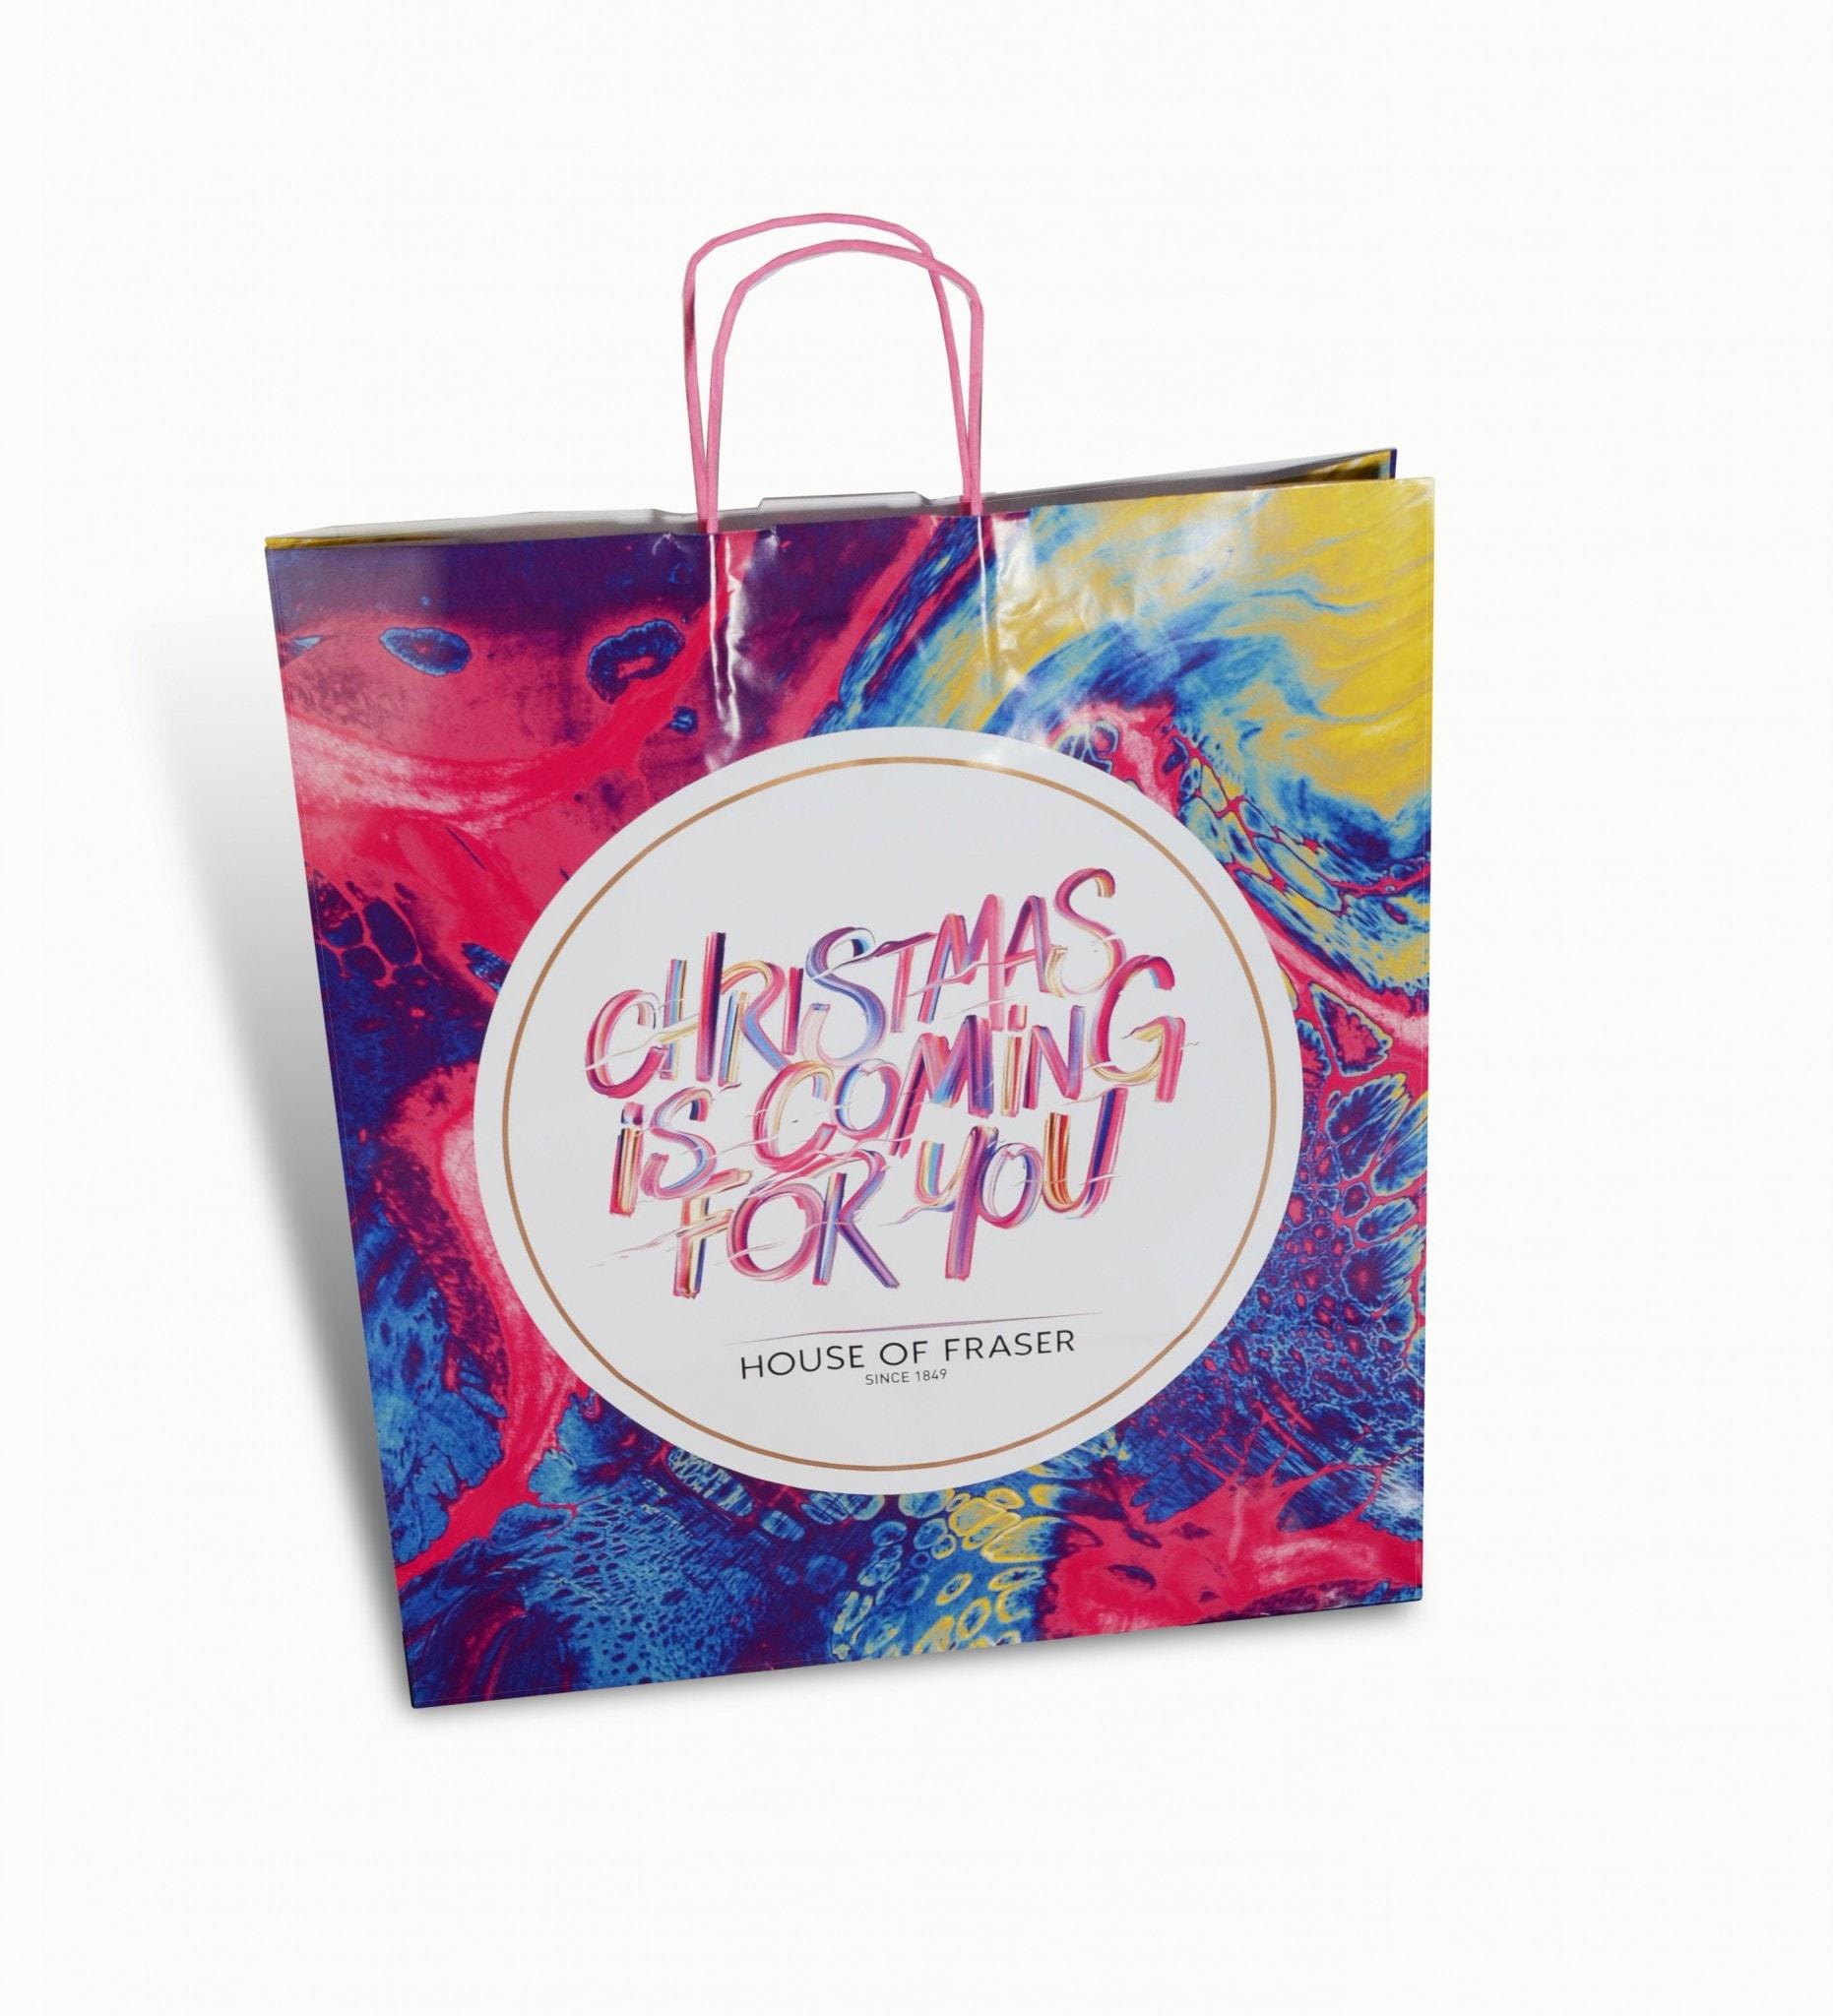 House of Fraser Christmas Packaging